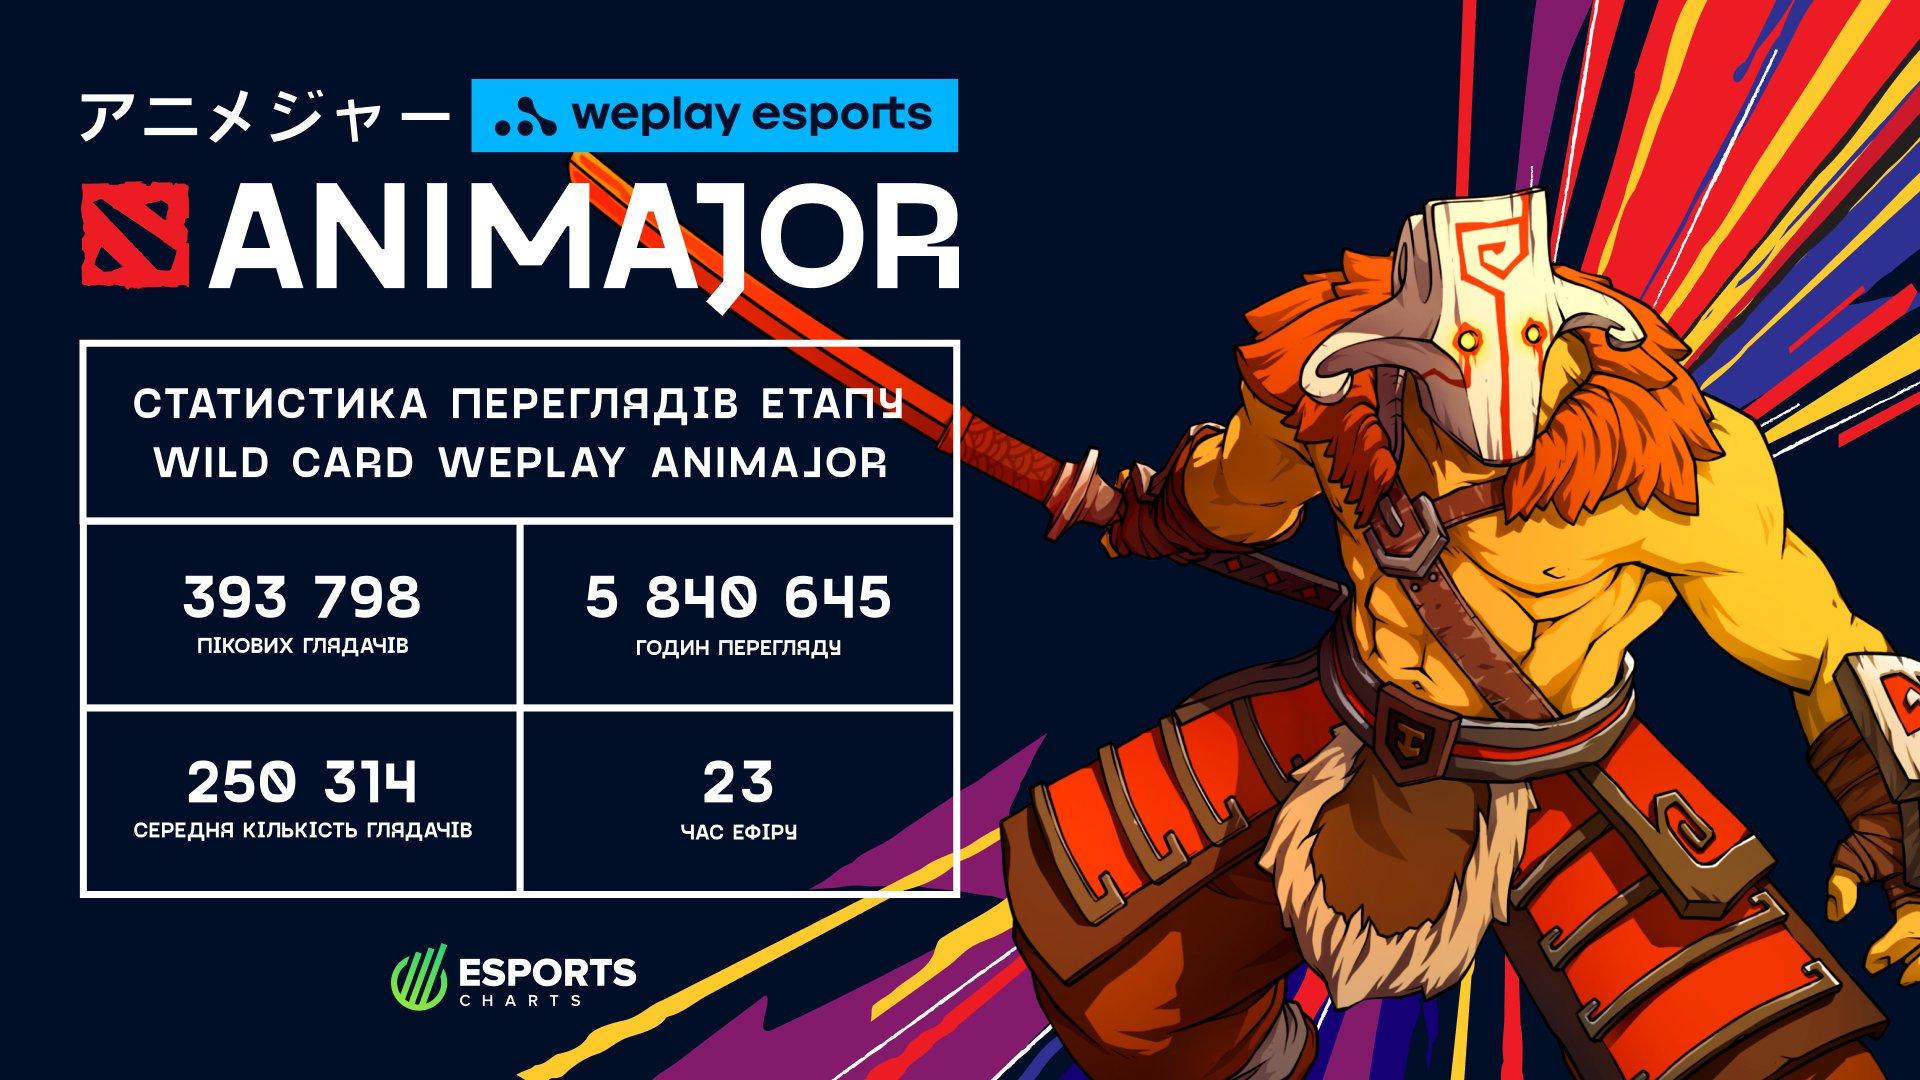 Статистика переглядів етапу Wild Card WePlay AniMajor. Зображення: WePlay Esports